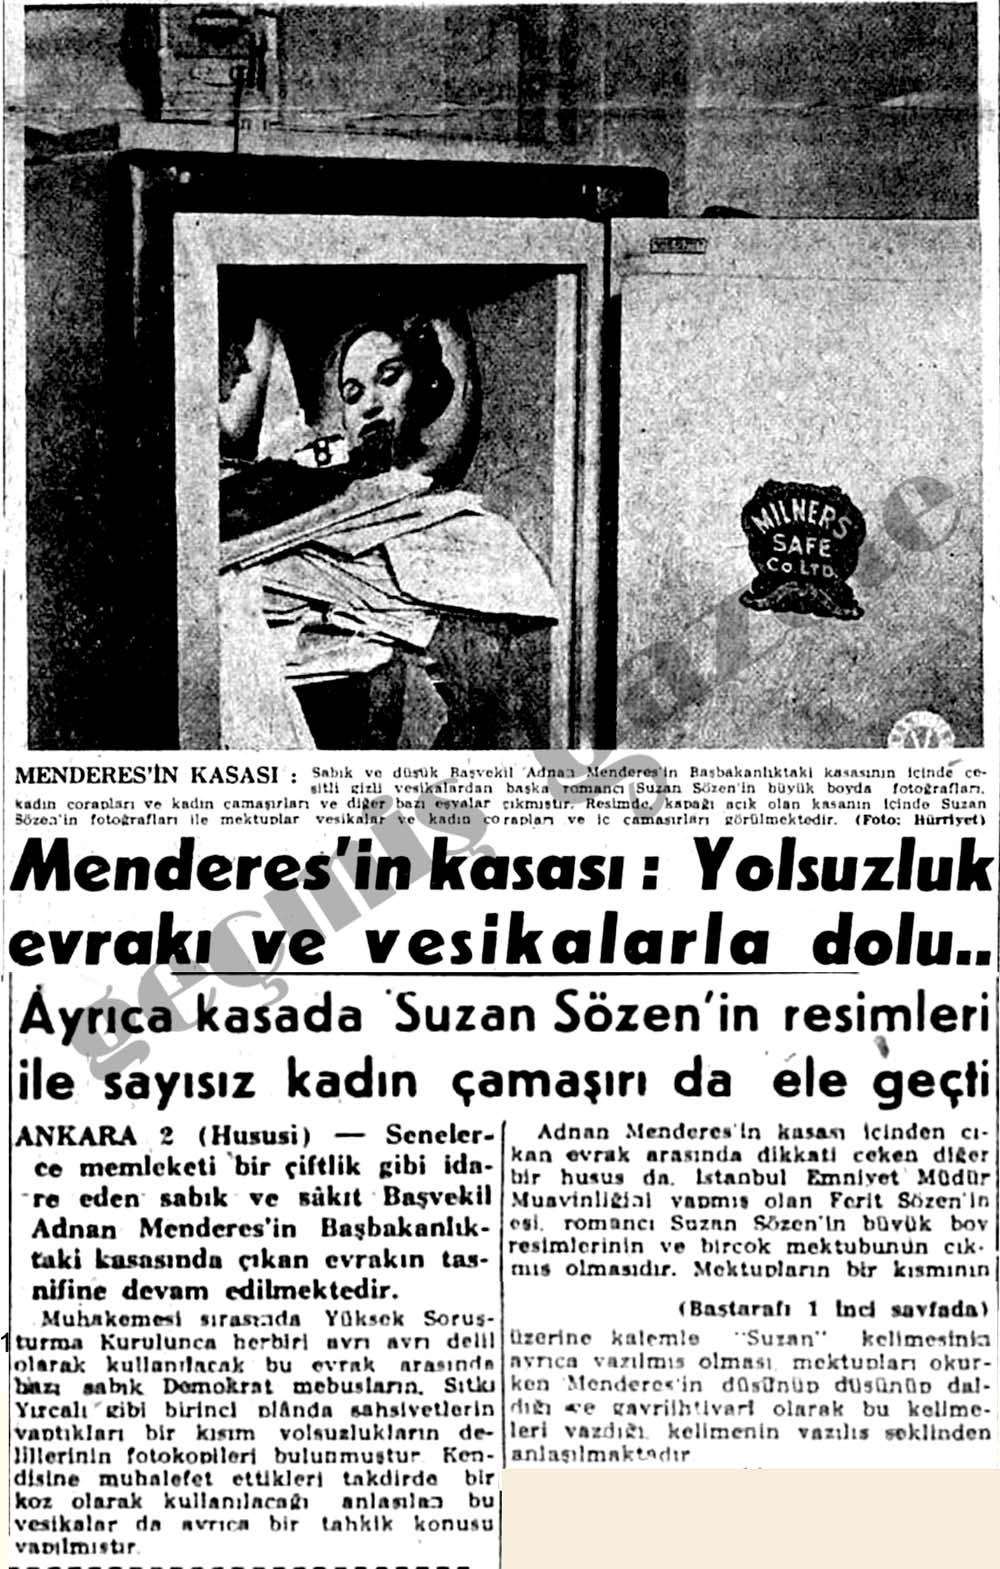 Menderes'in kasası: Yolsuzluk evrakı ve vesikalarla dolu..